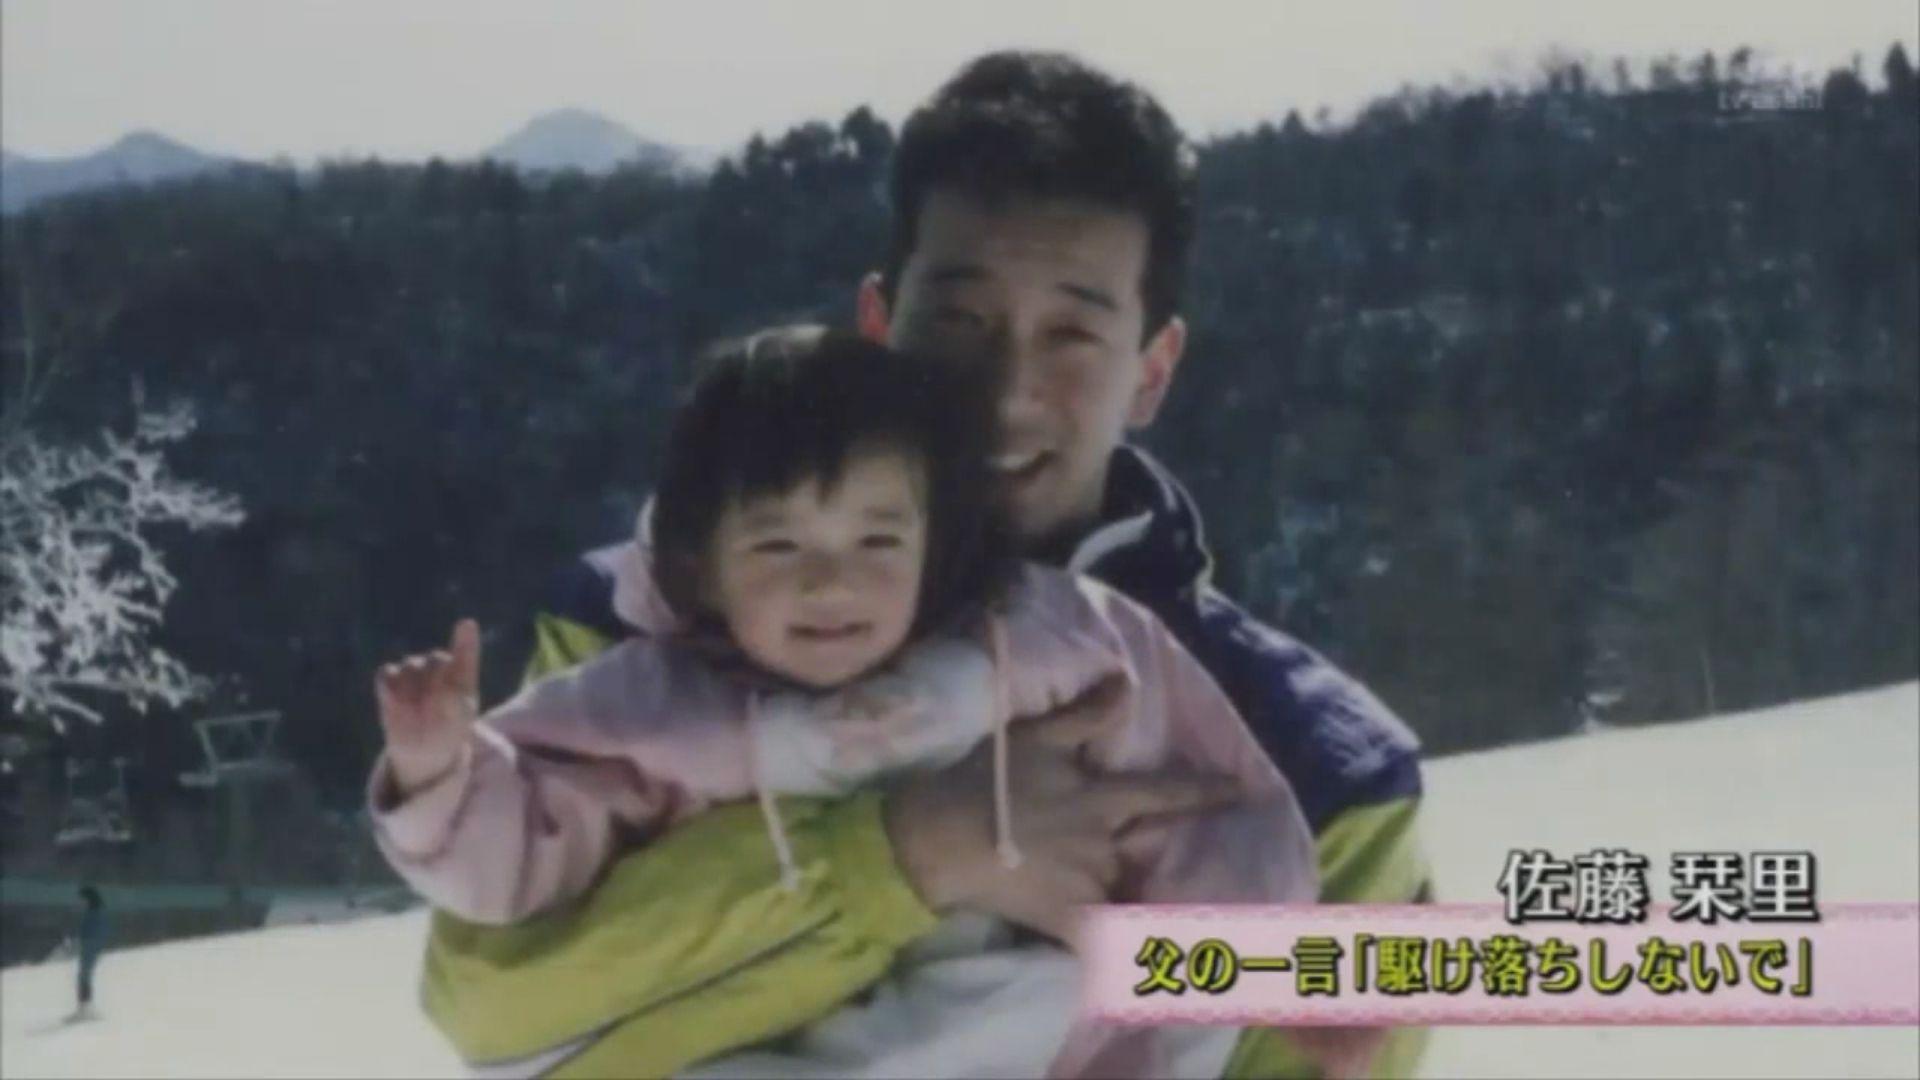 佐藤栞里さんの父親の画像